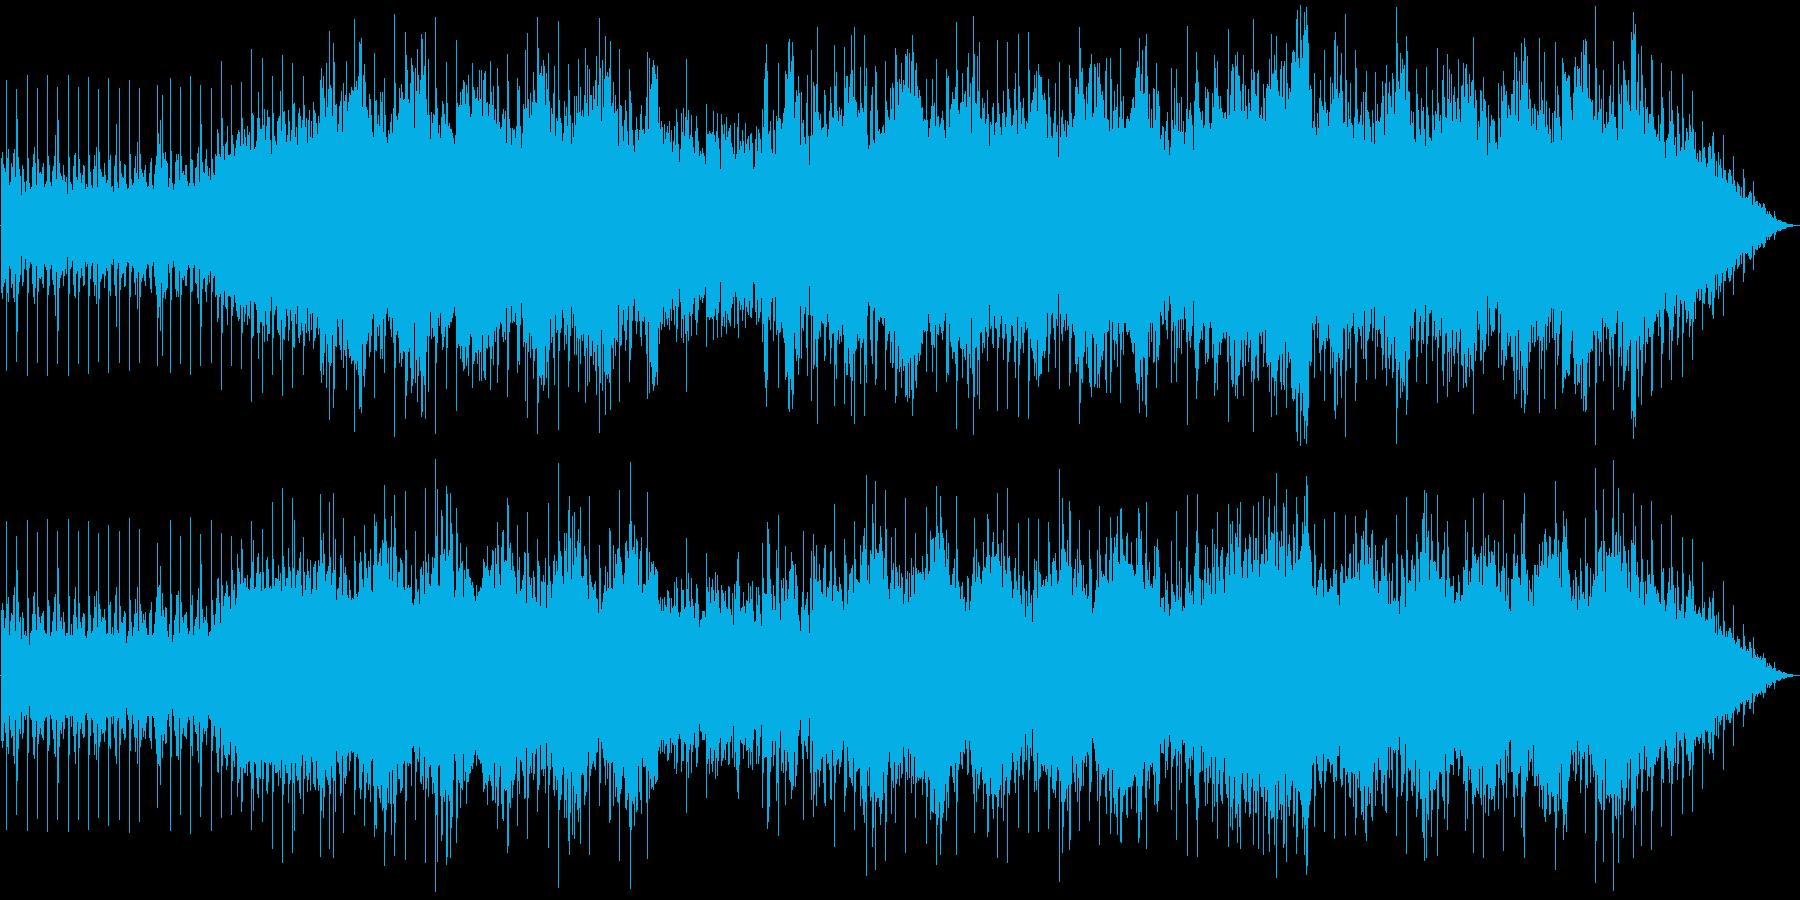 スピード感のあるバトル SF感 テクノの再生済みの波形